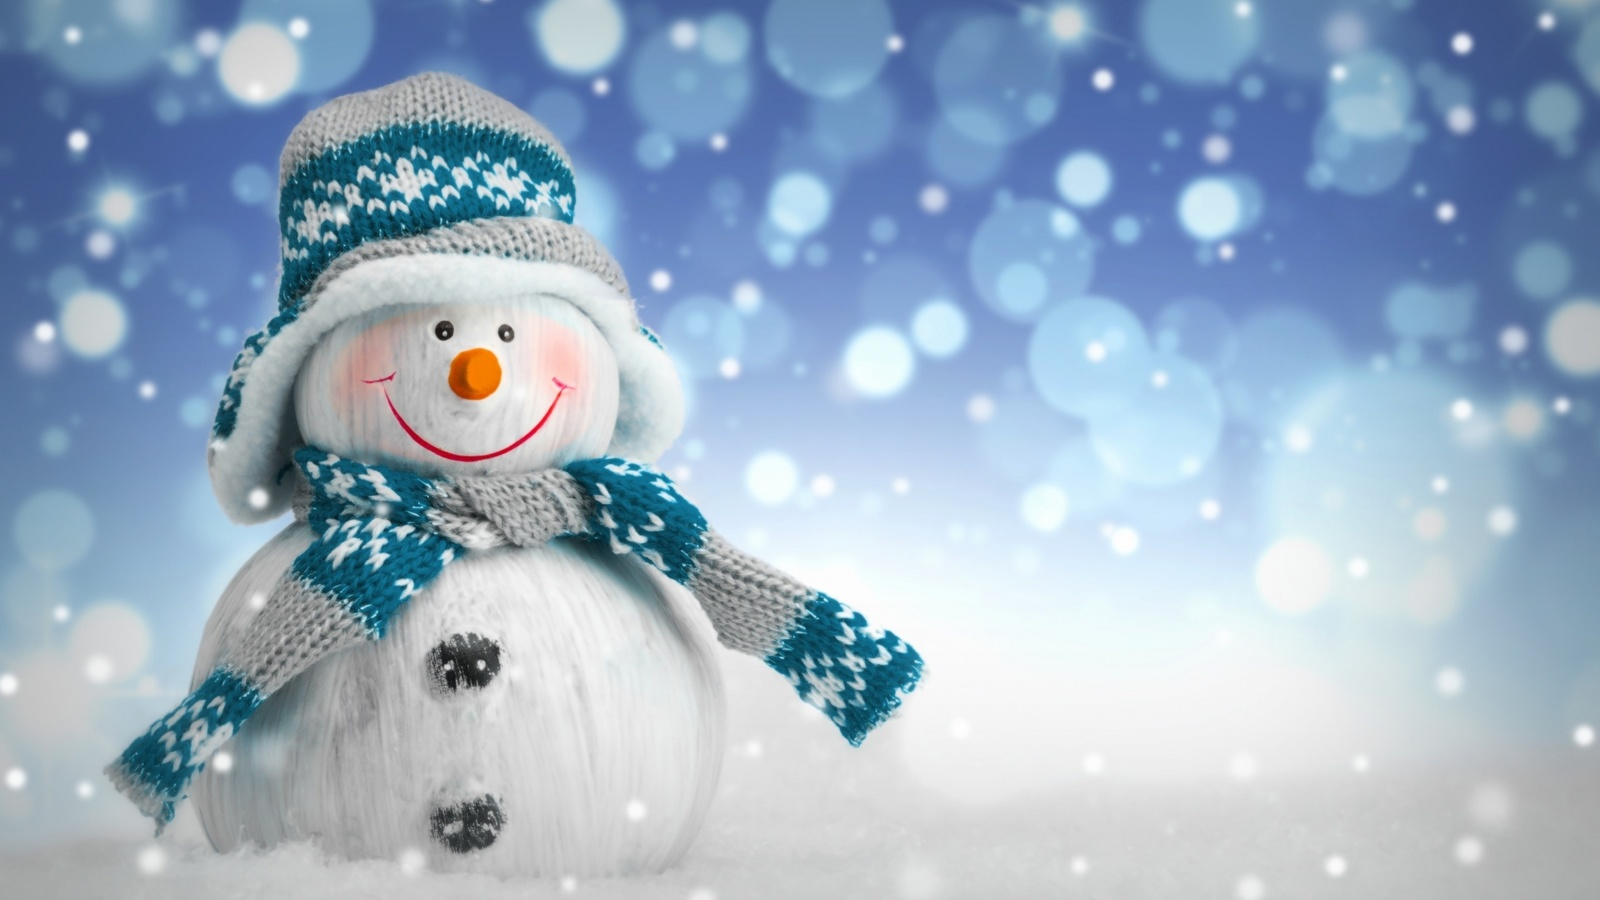 Картинка с новым годом снеговик, прикольные надписью дети